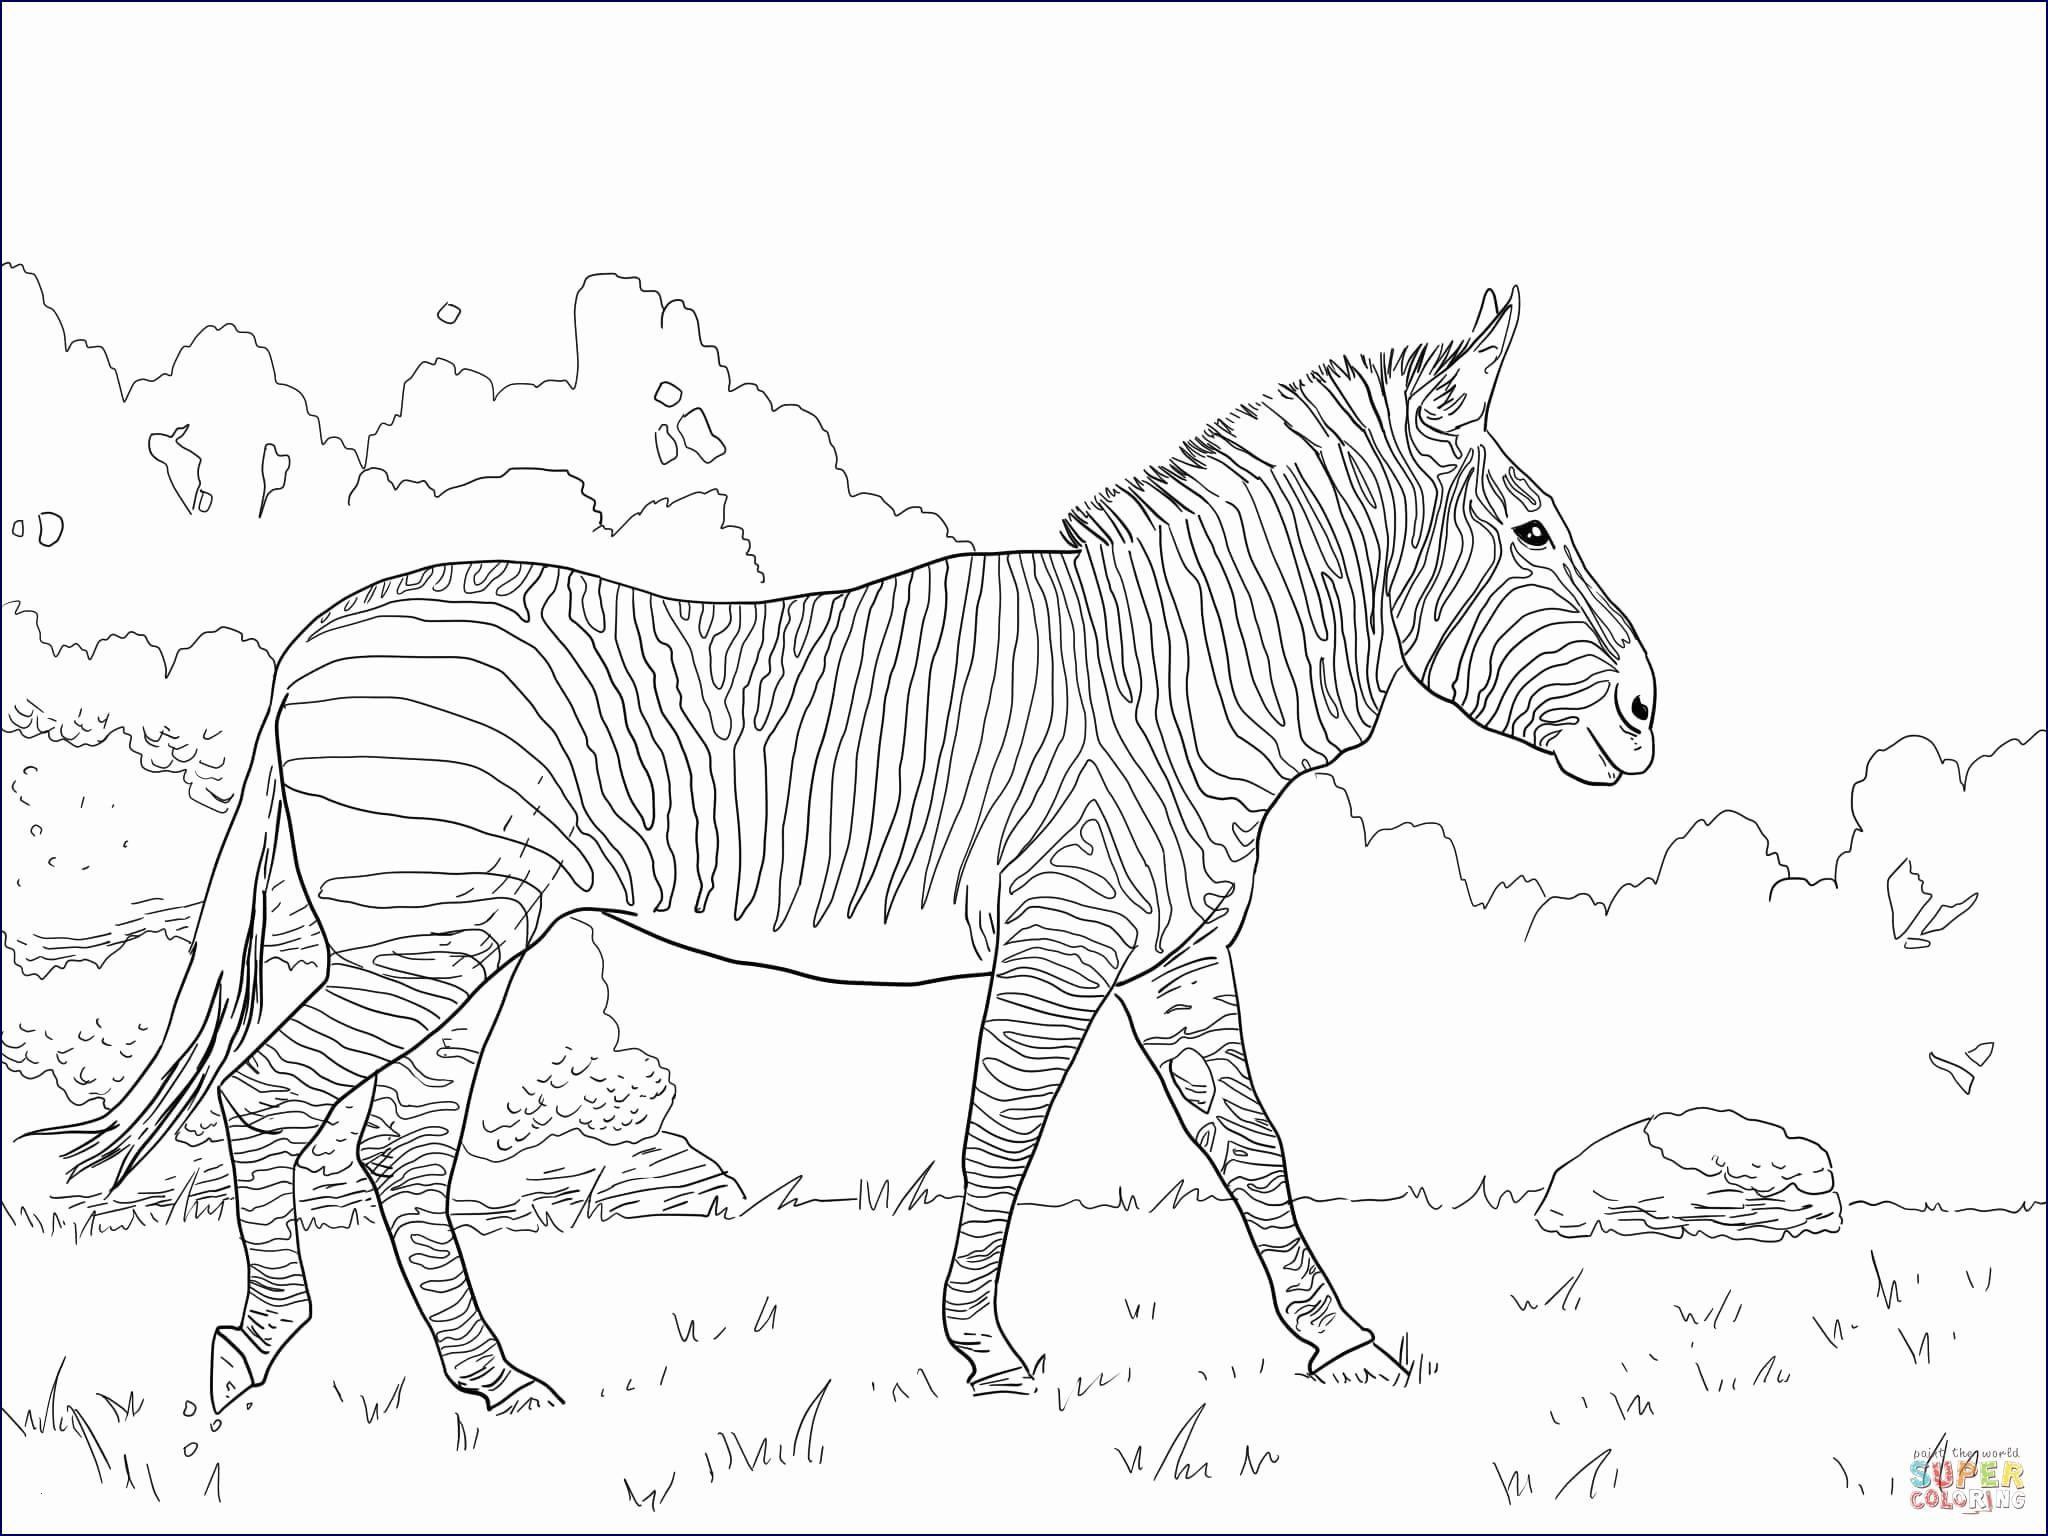 Einhorn Bilder Zum Ausdrucken Neu Ausmalbilder Einhorn Zum Ausdrucken Neu 40 Pegasus Ausmalbilder Zum Bilder